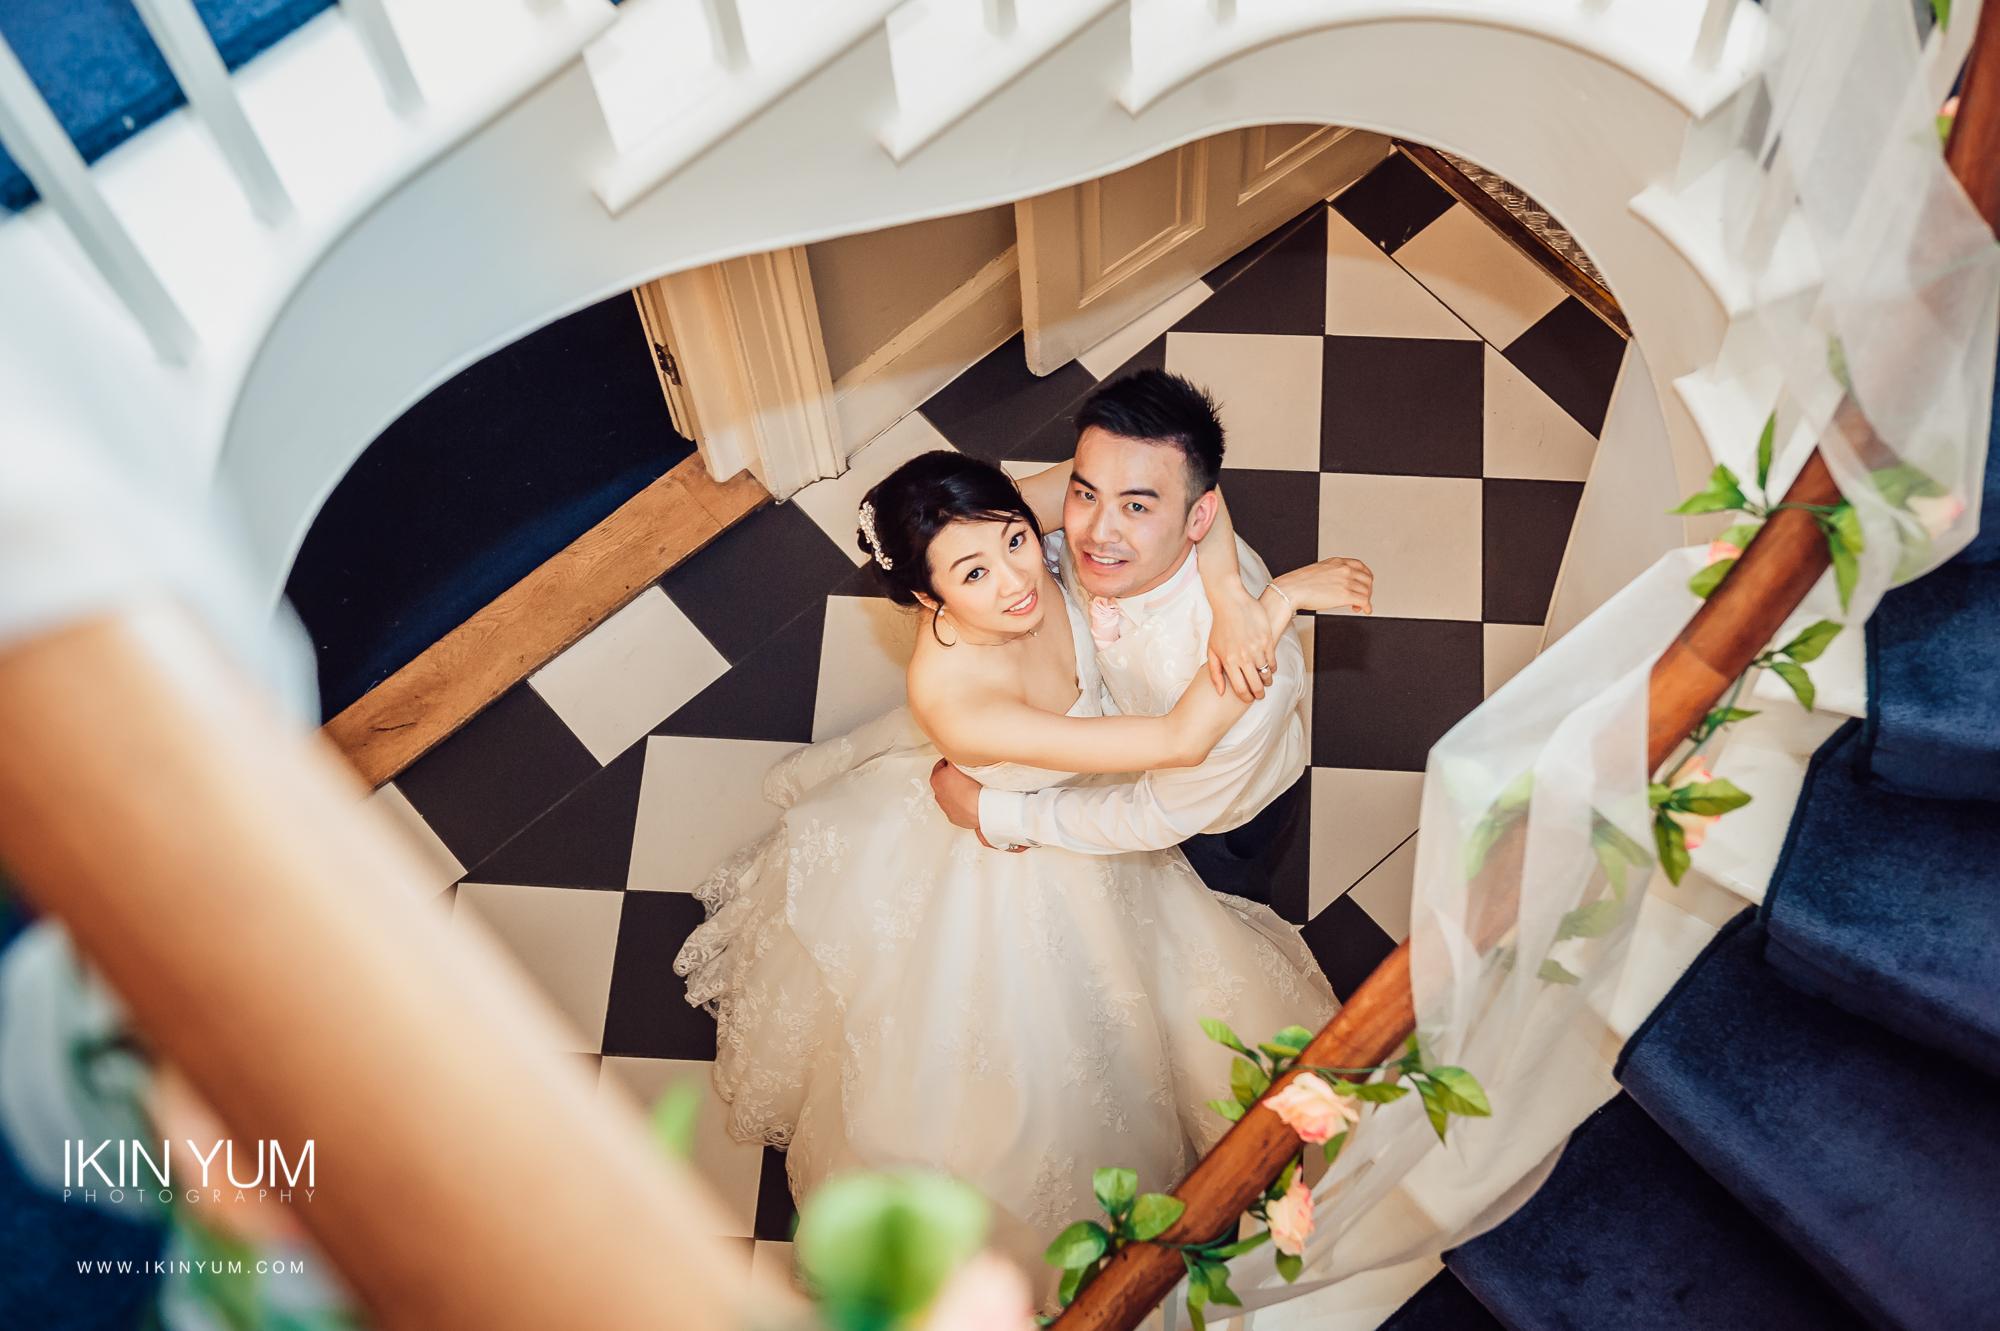 Sylvianne & Chun Wedding Day - Ikin Yum Photography-129.jpg